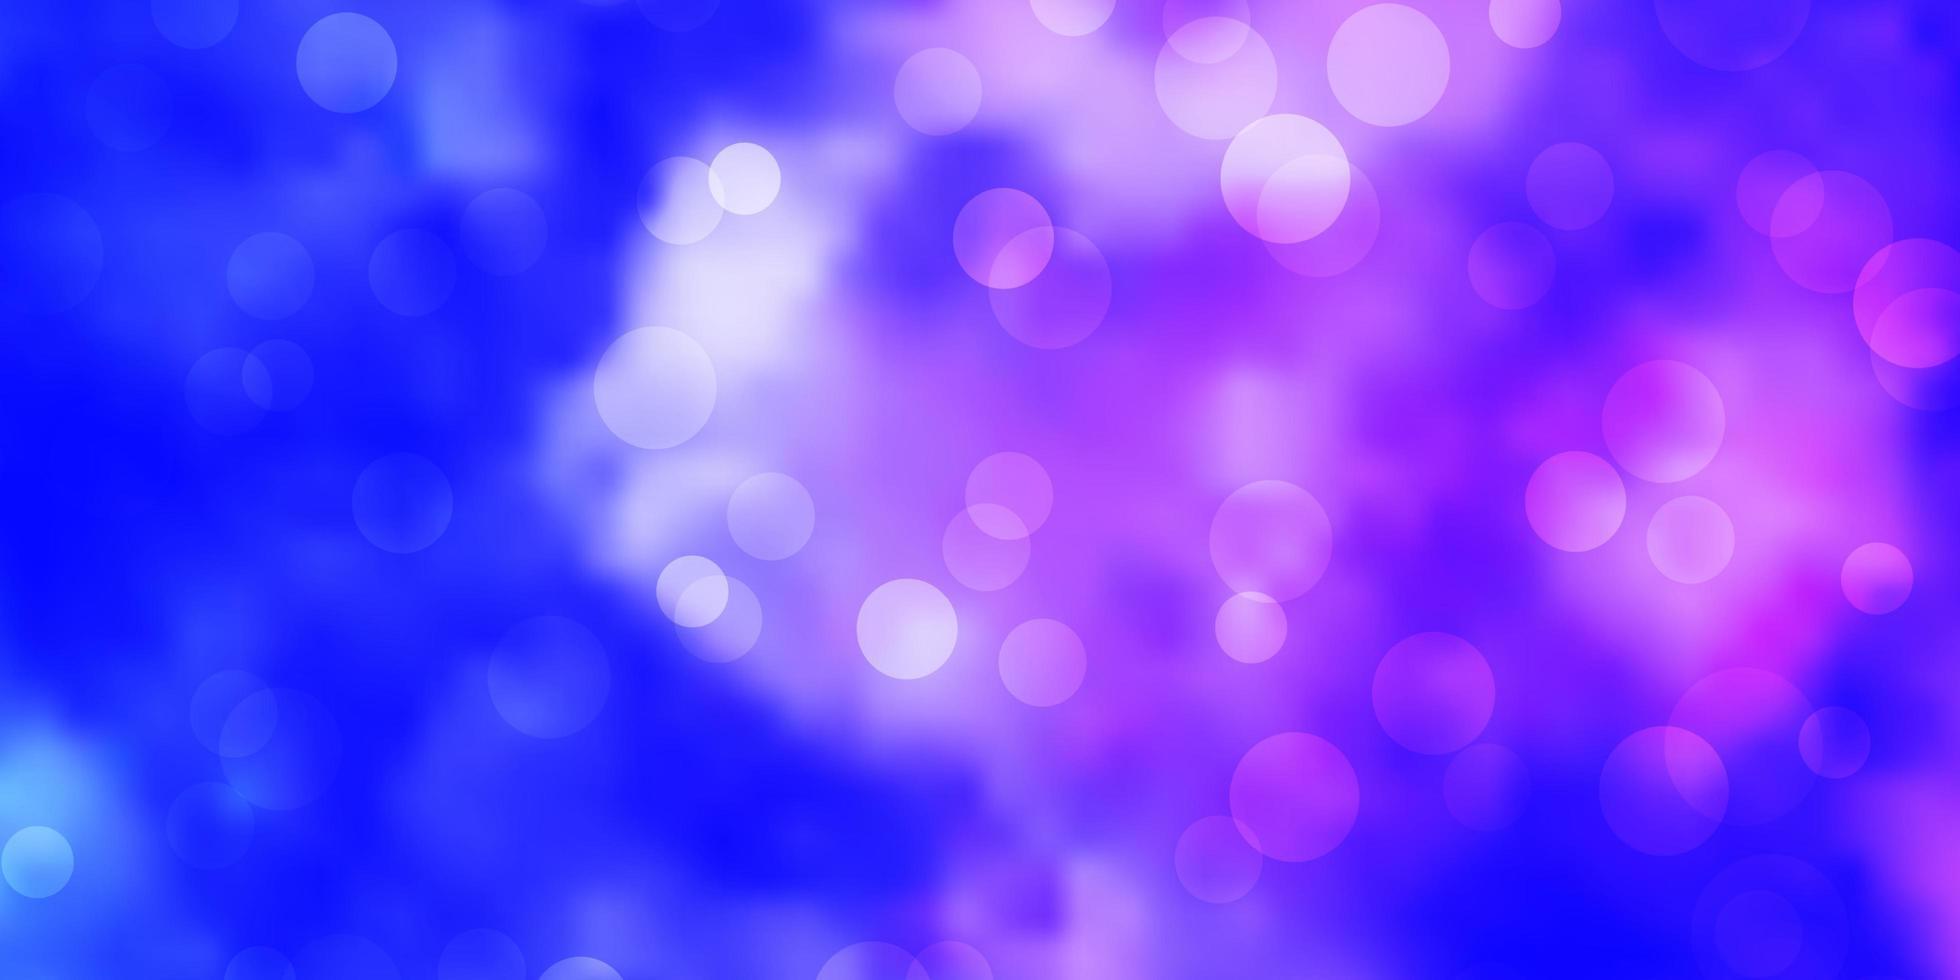 patrón de vector rosa claro, azul con círculos.